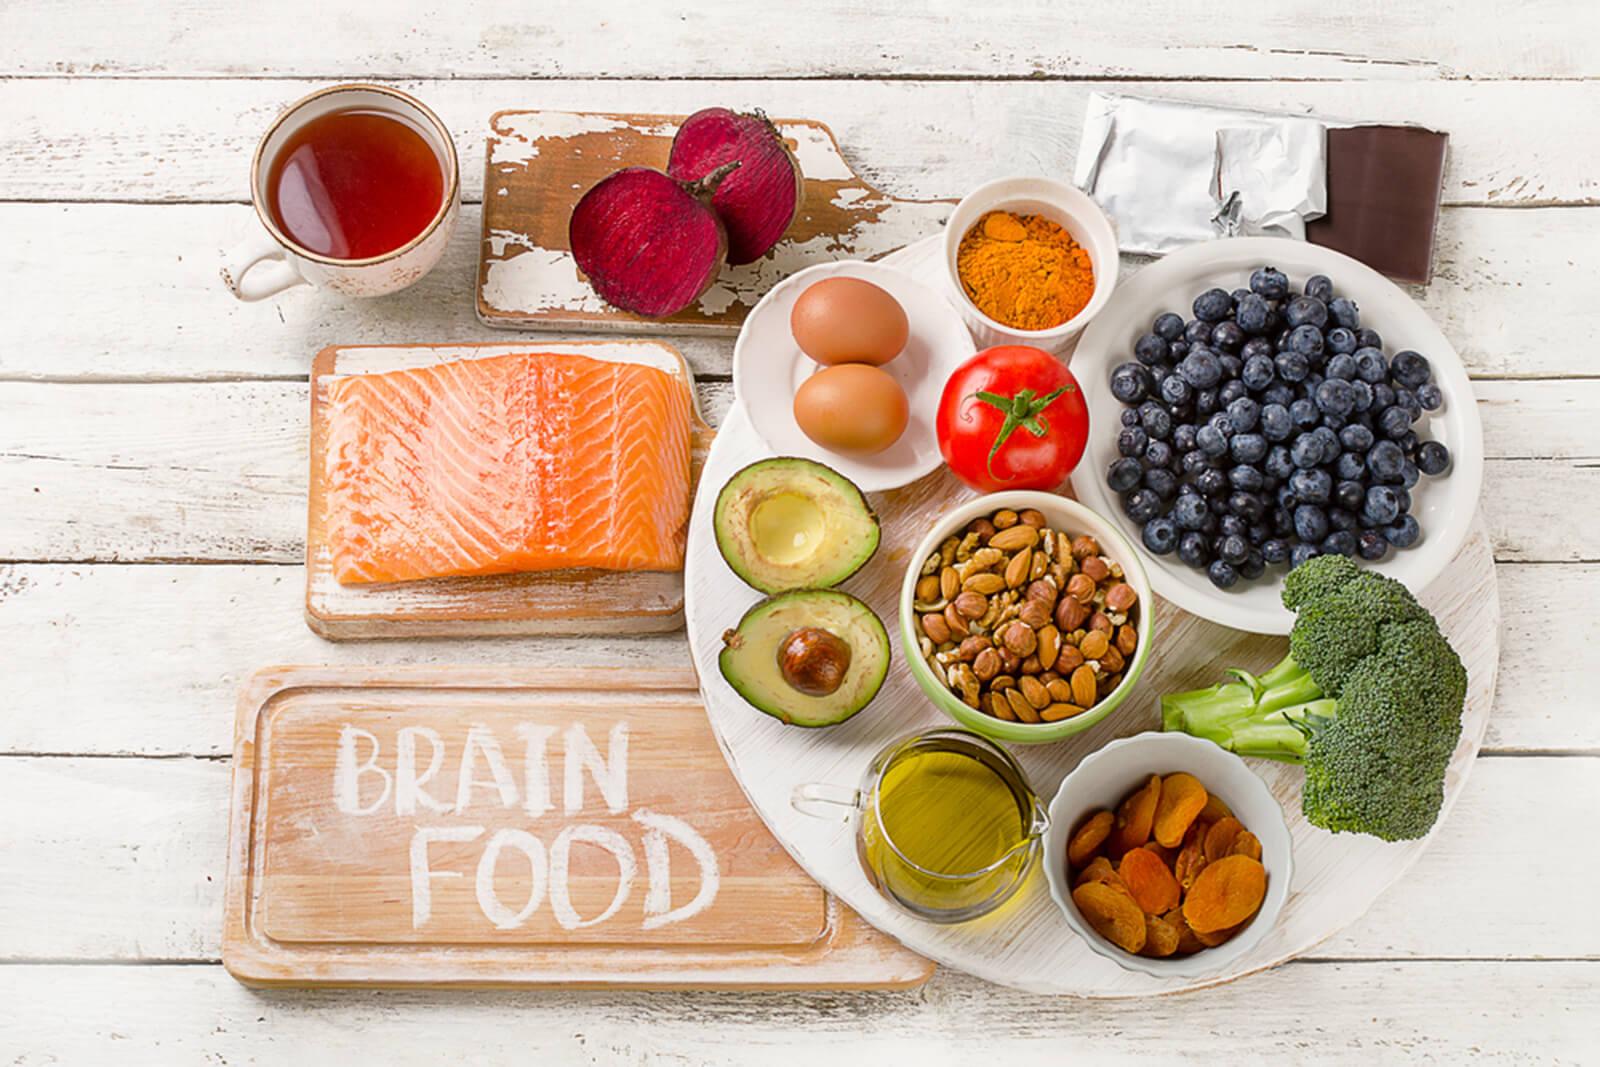 10 thực phẩm tốt cho não bộ, giúp tăng cường trí nhớ và khả năng tập trung